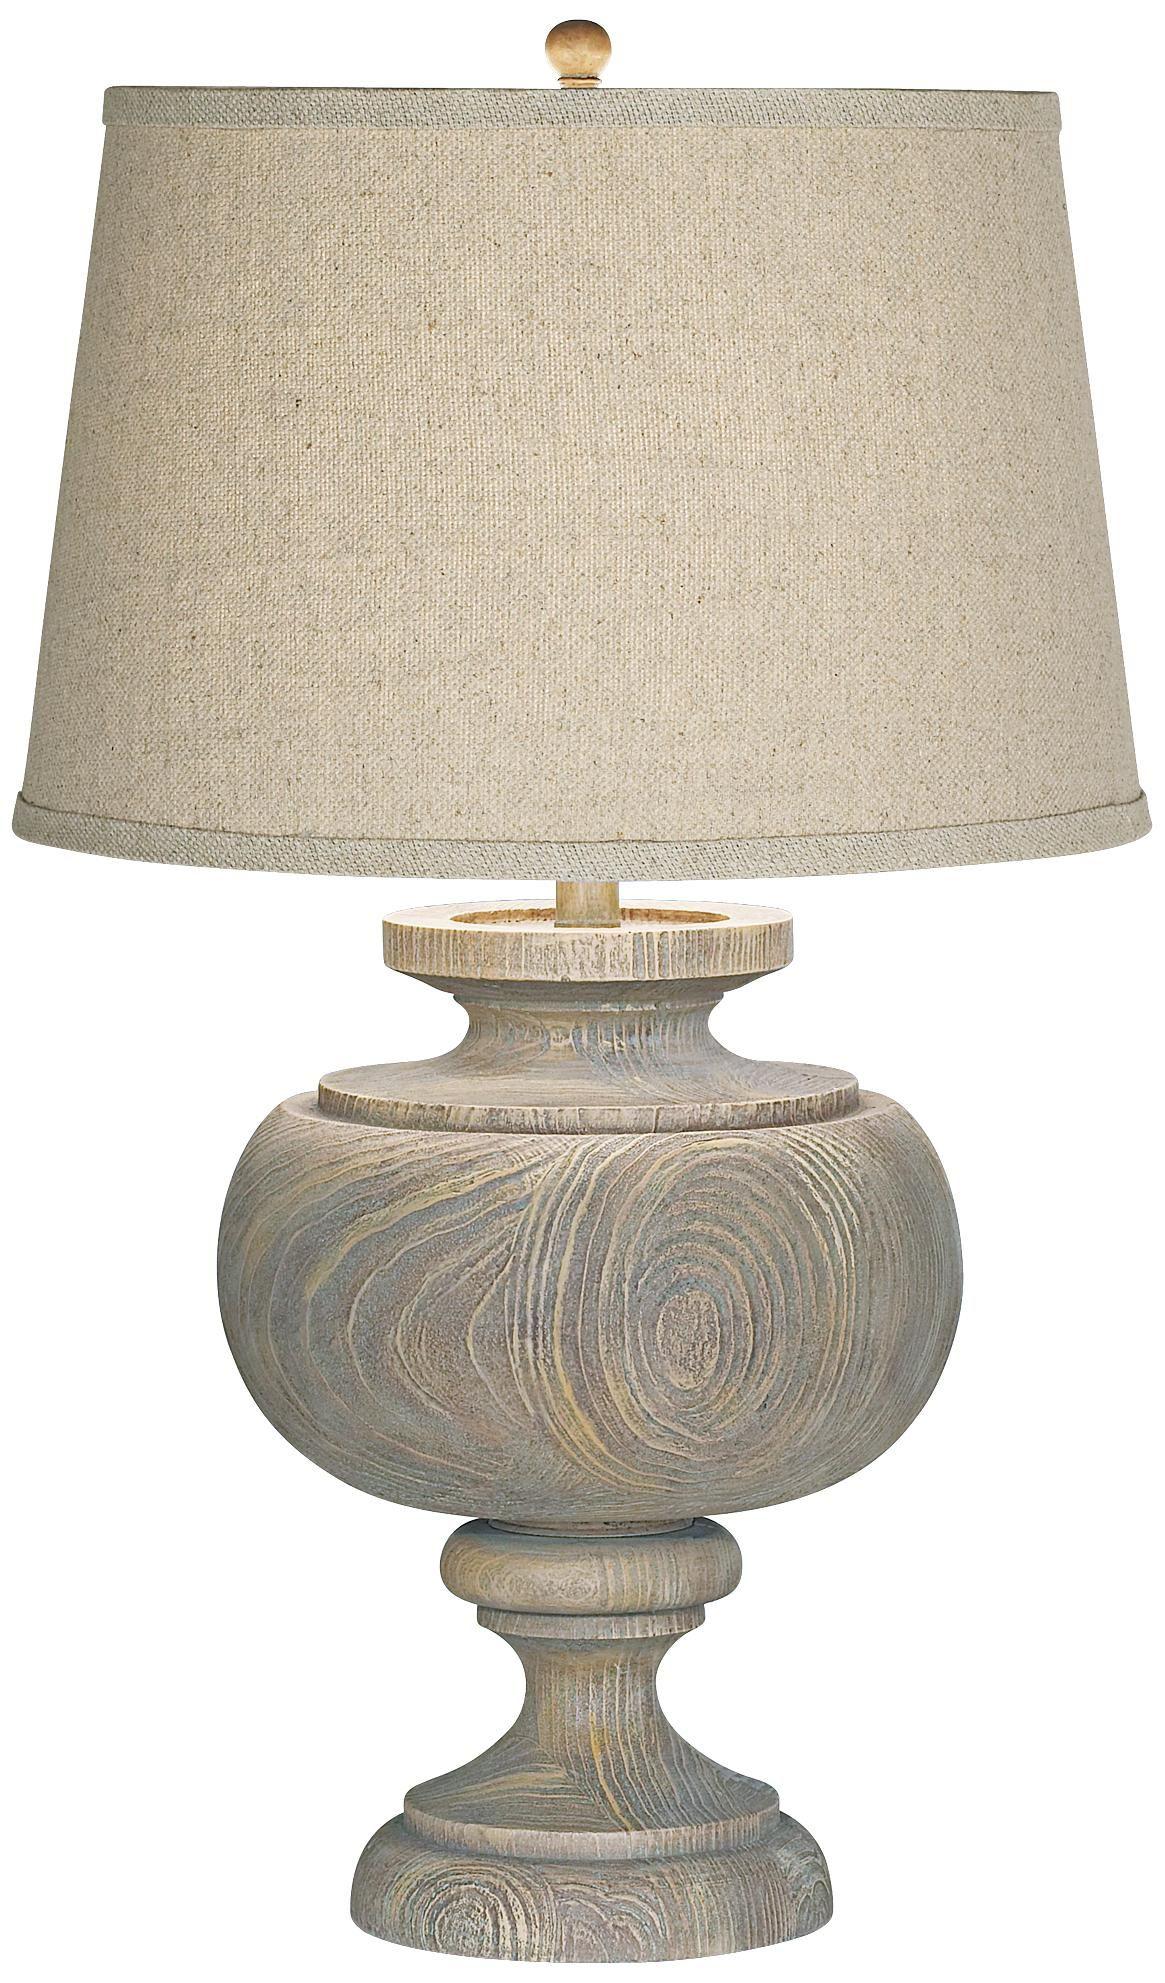 kathy ireland lighting fixtures. Kathy Ireland Lighting. Grand Maison Grey Table Lamp - Lighting Fixtures